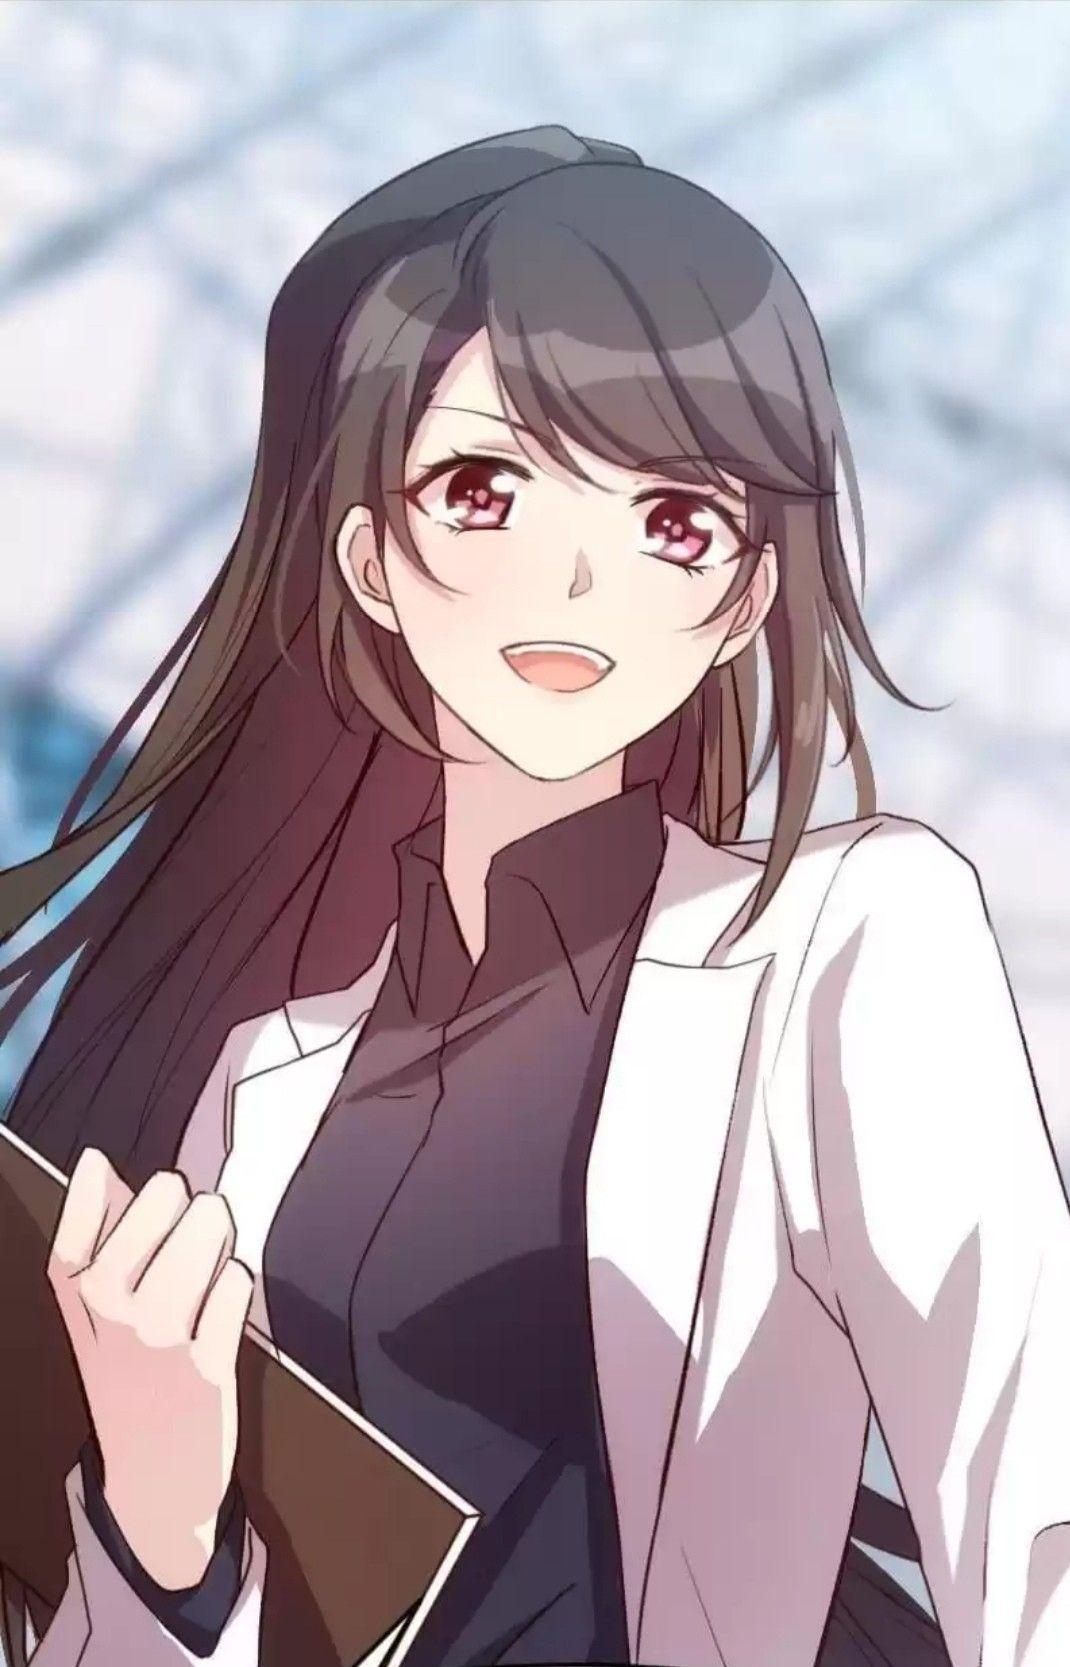 Ceo S Sudden Proposal Manga Manga Anime Gambar Karakter Ilustrasi Karakter